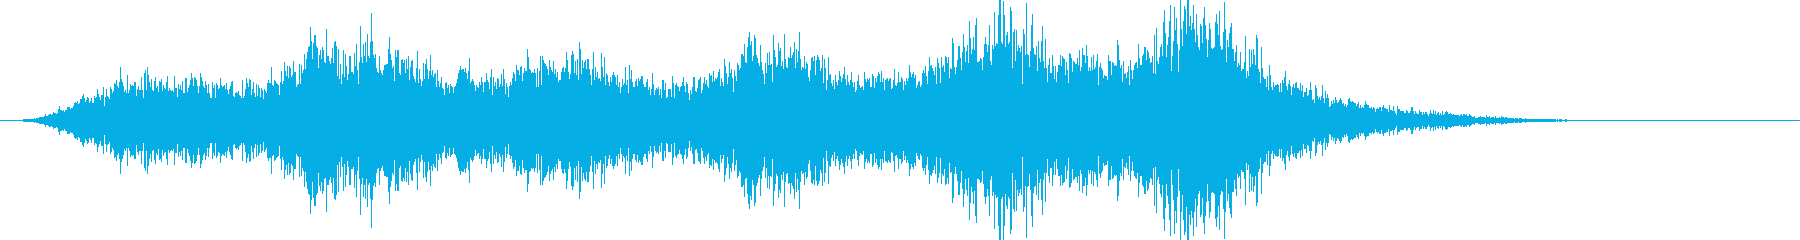 【ダークアンビエント】危険な予兆の再生済みの波形